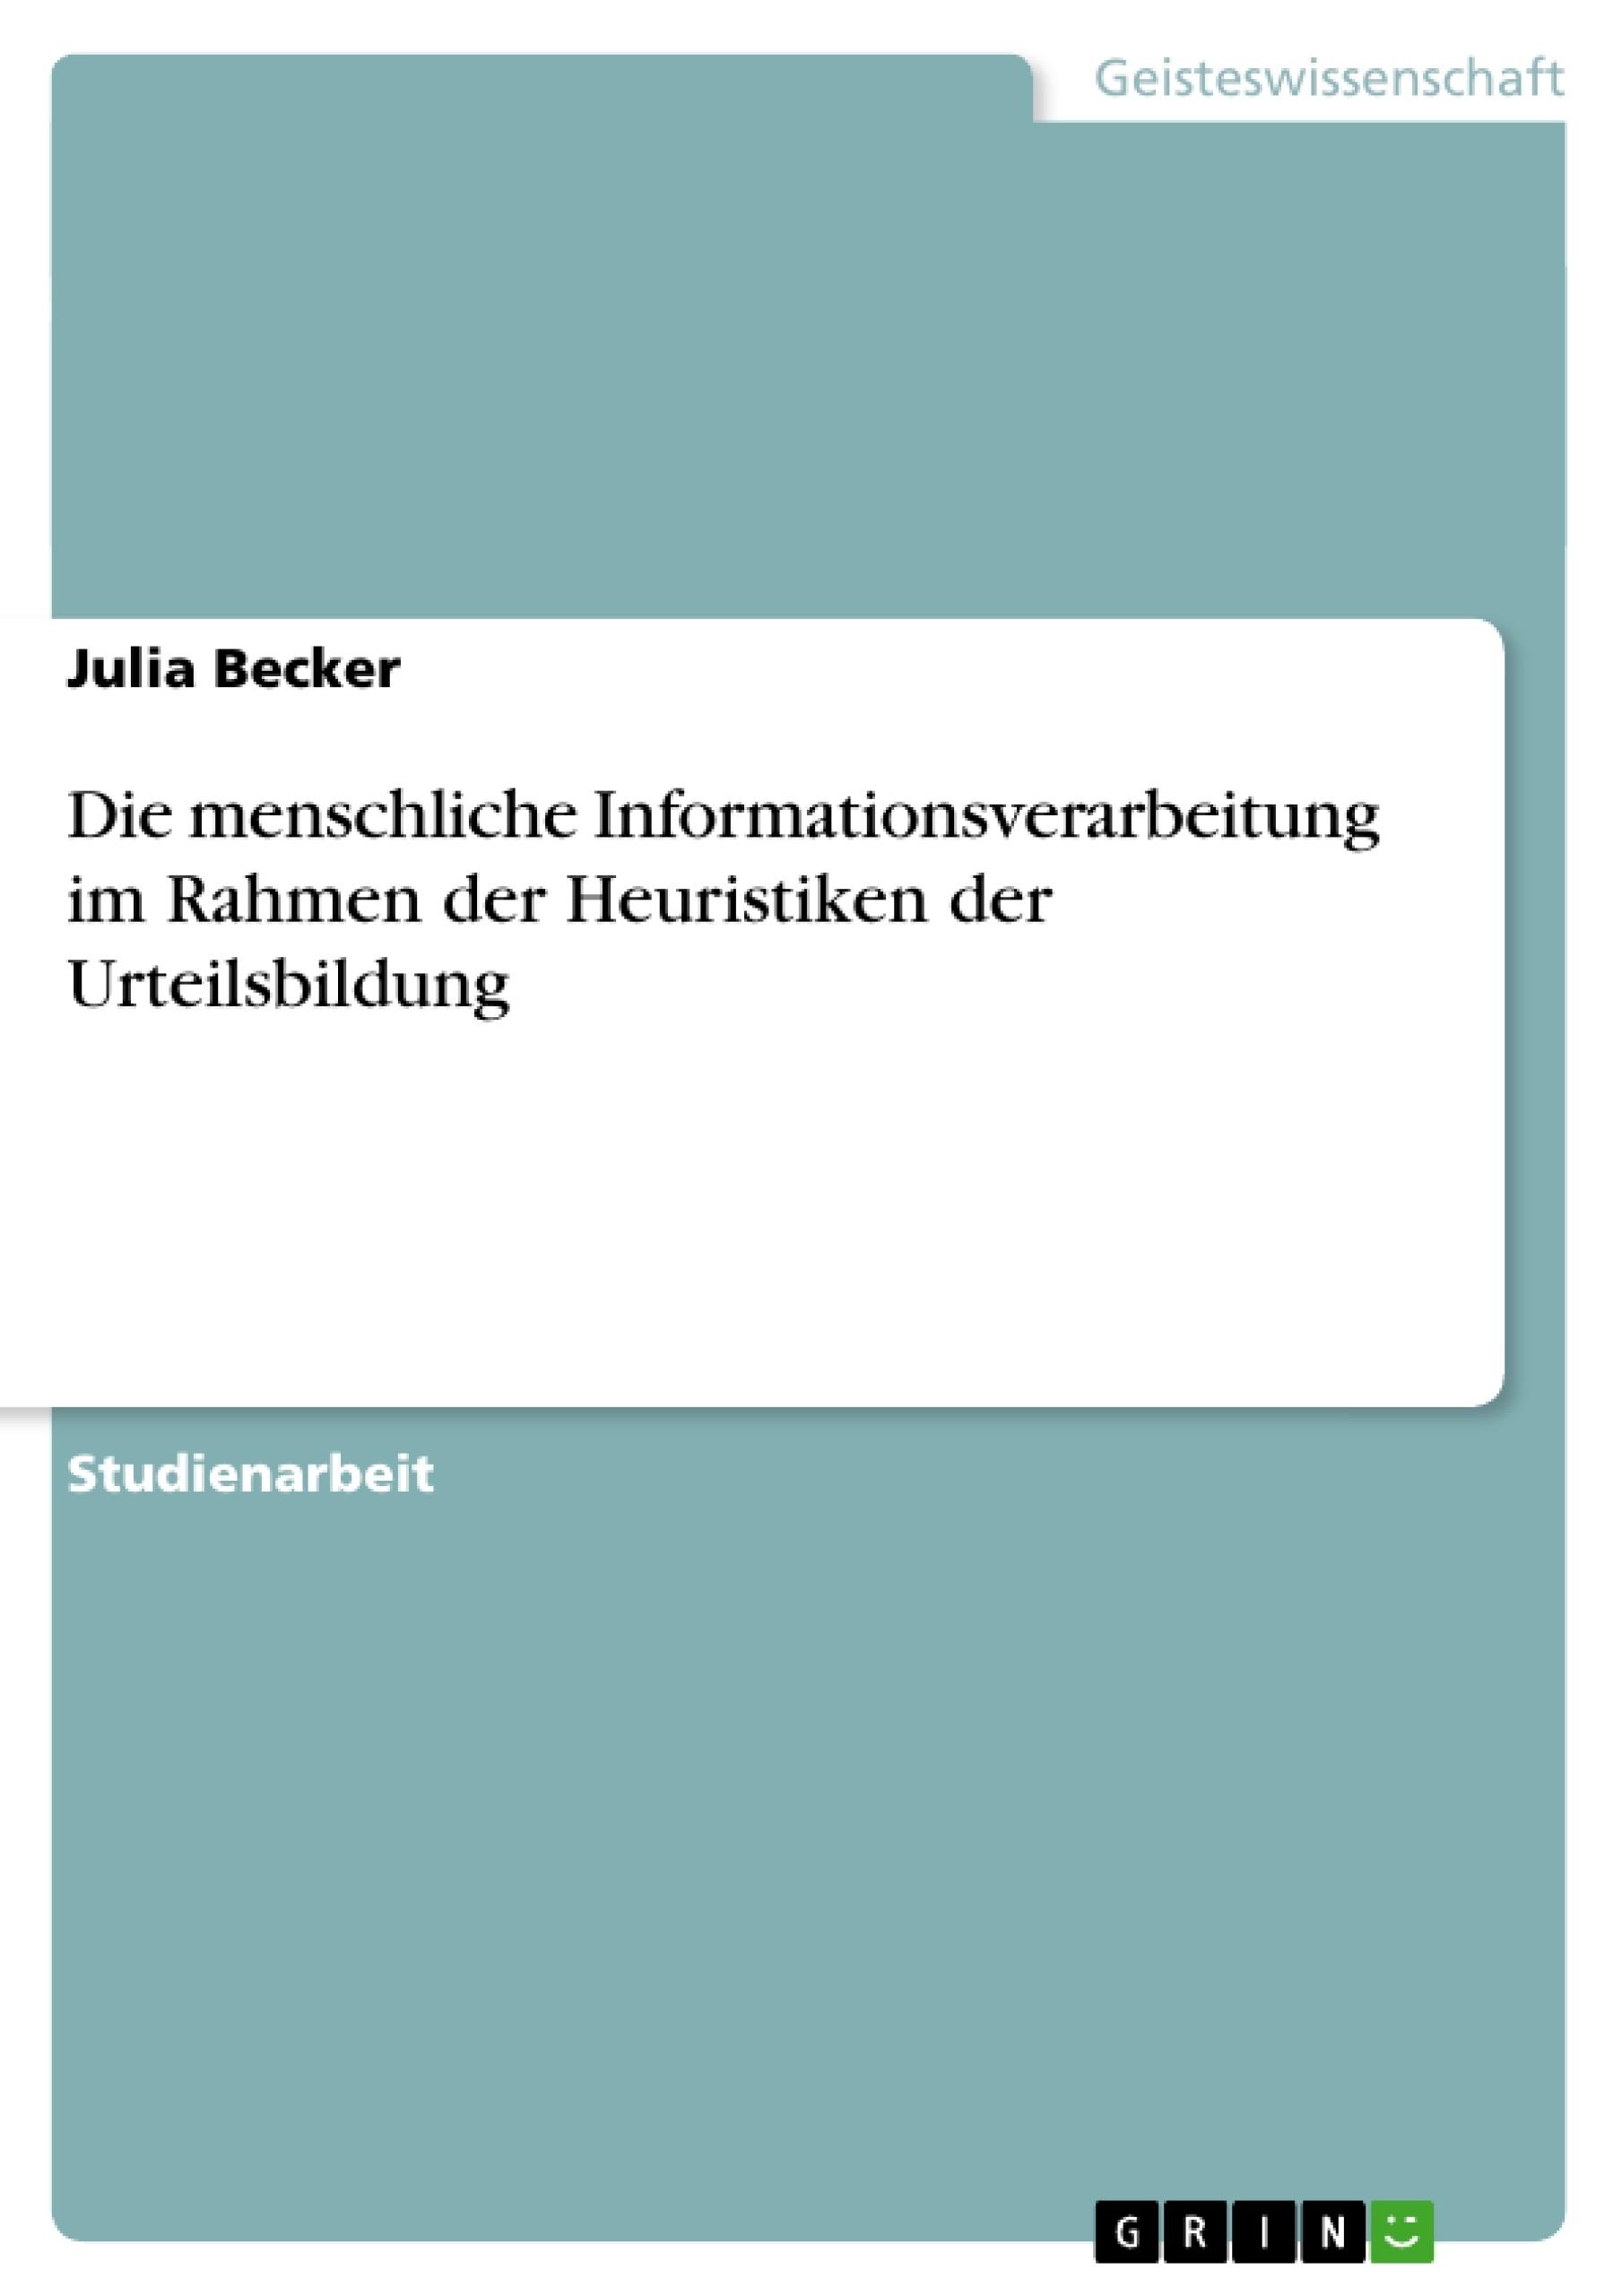 Titel: Die menschliche Informationsverarbeitung im Rahmen der Heuristiken der Urteilsbildung